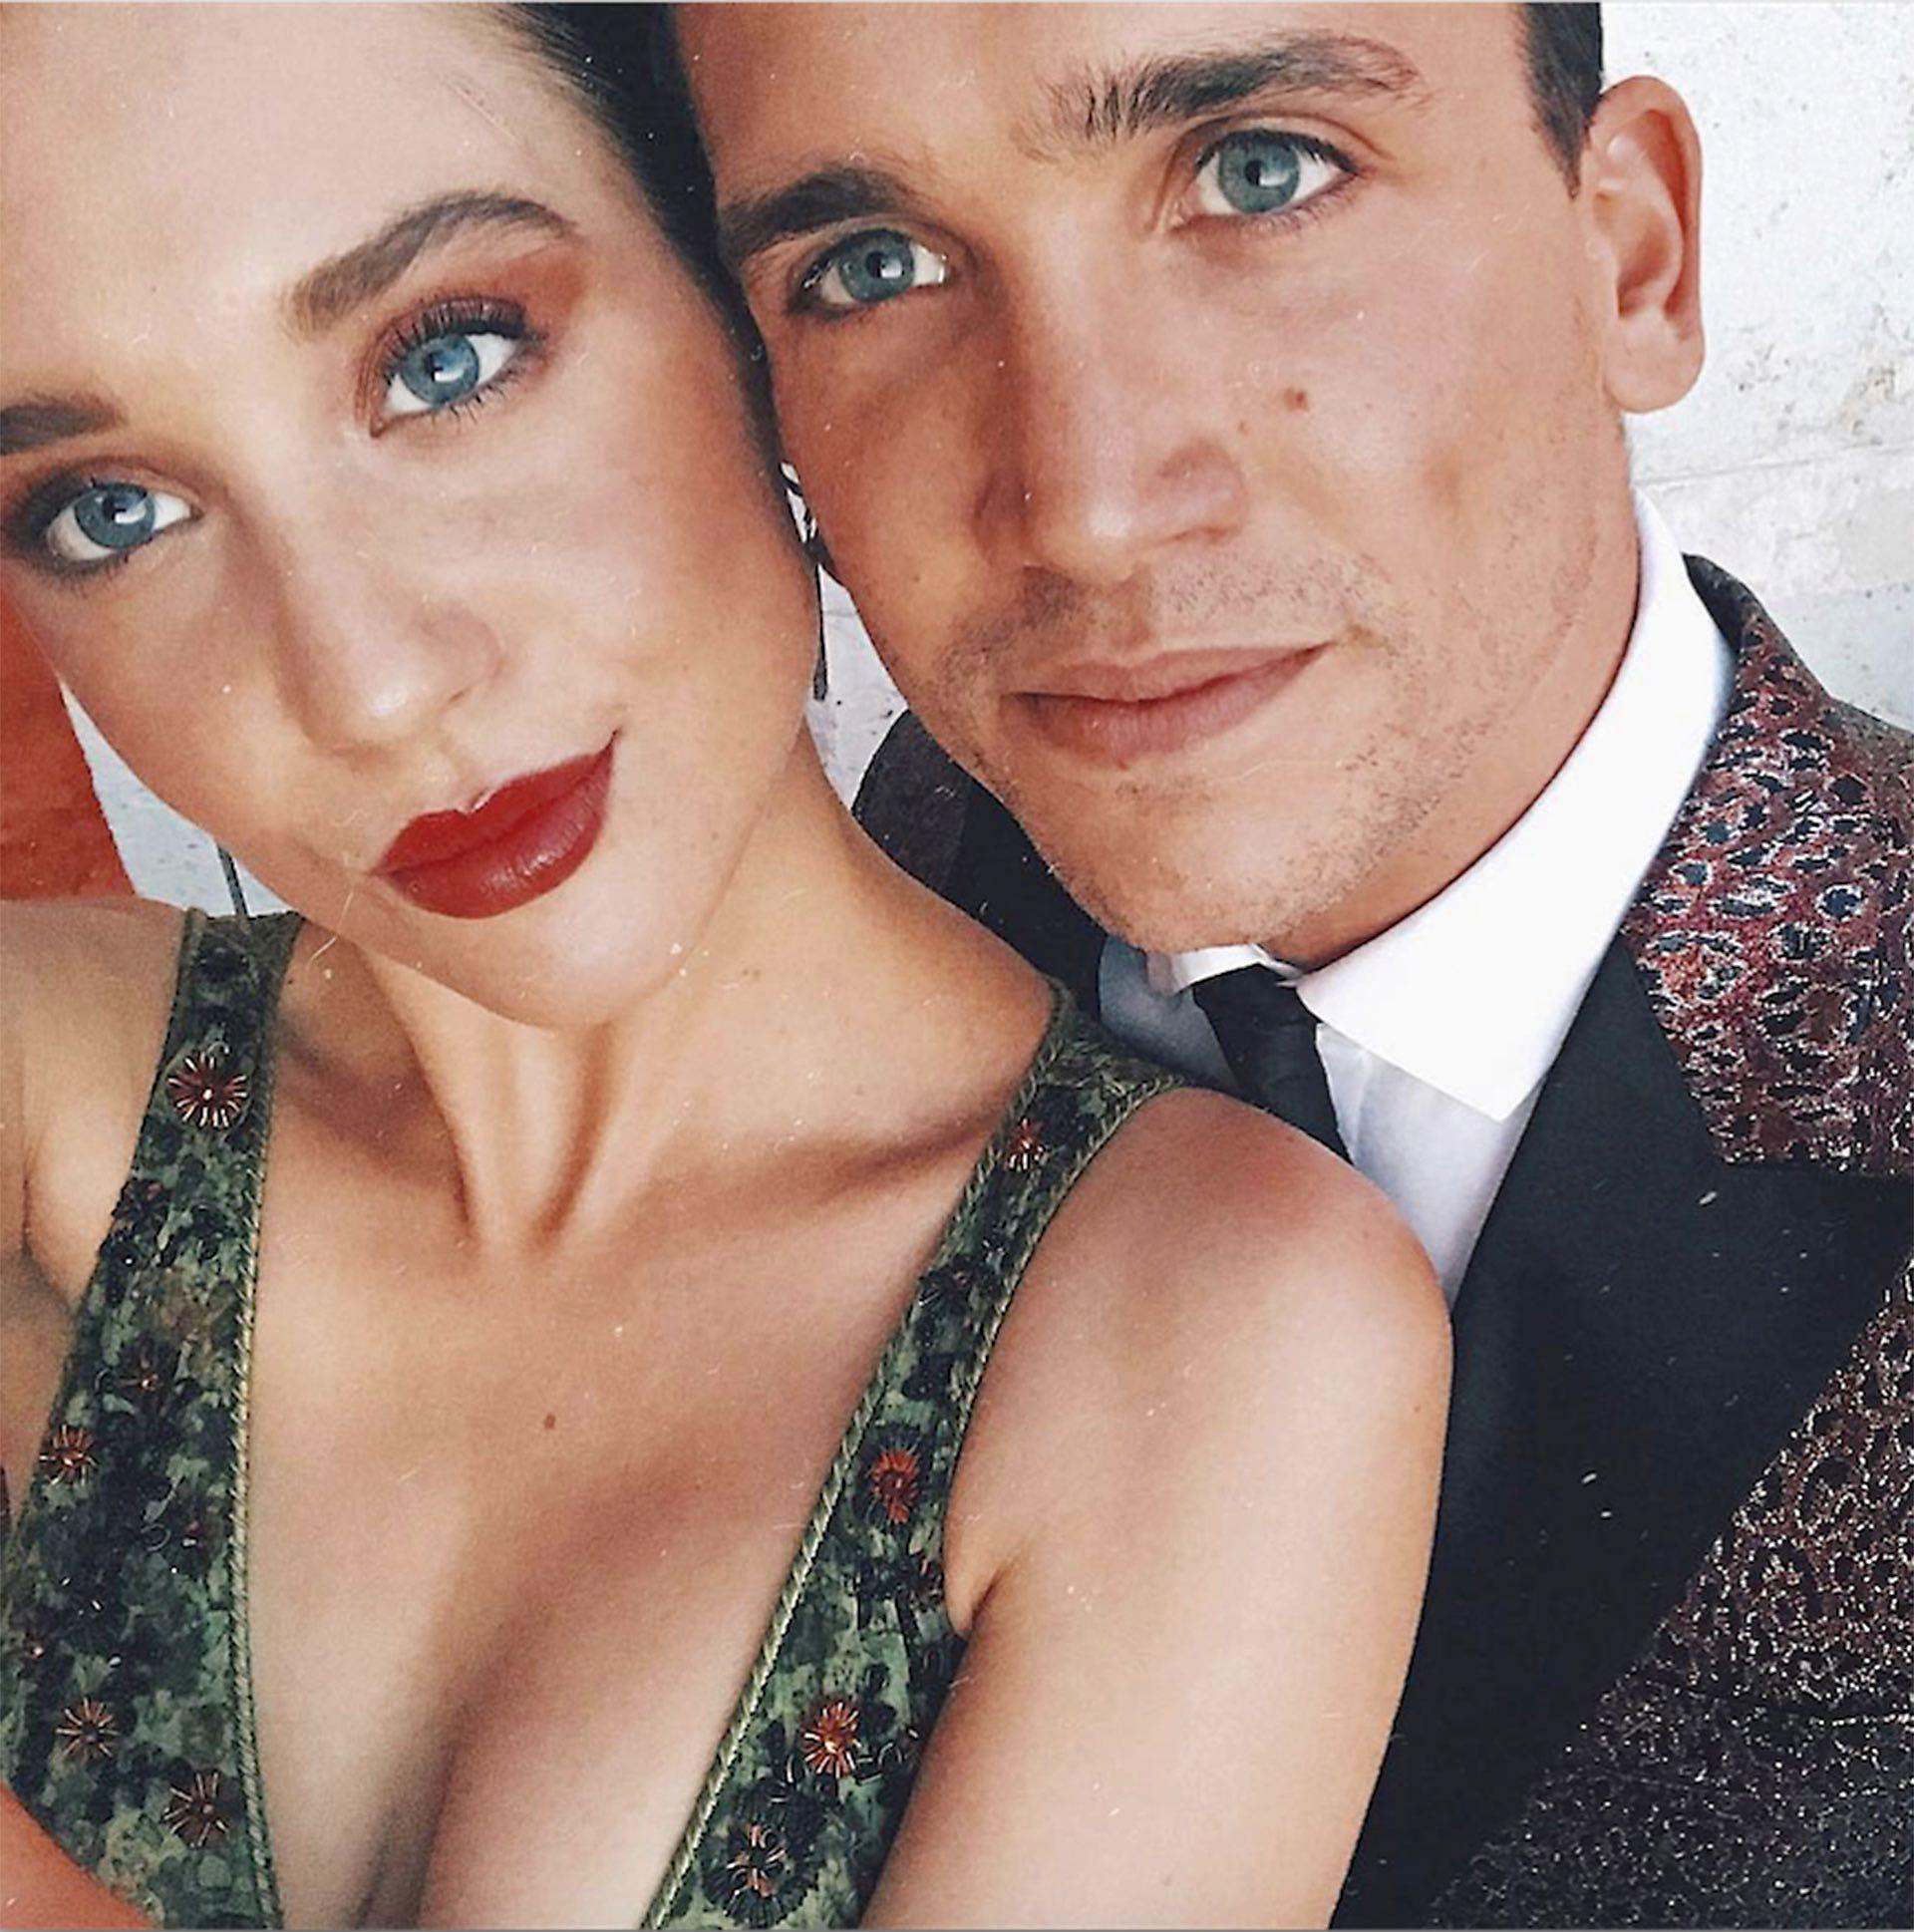 Jaime Lorente (27) y María Pedraza (24)